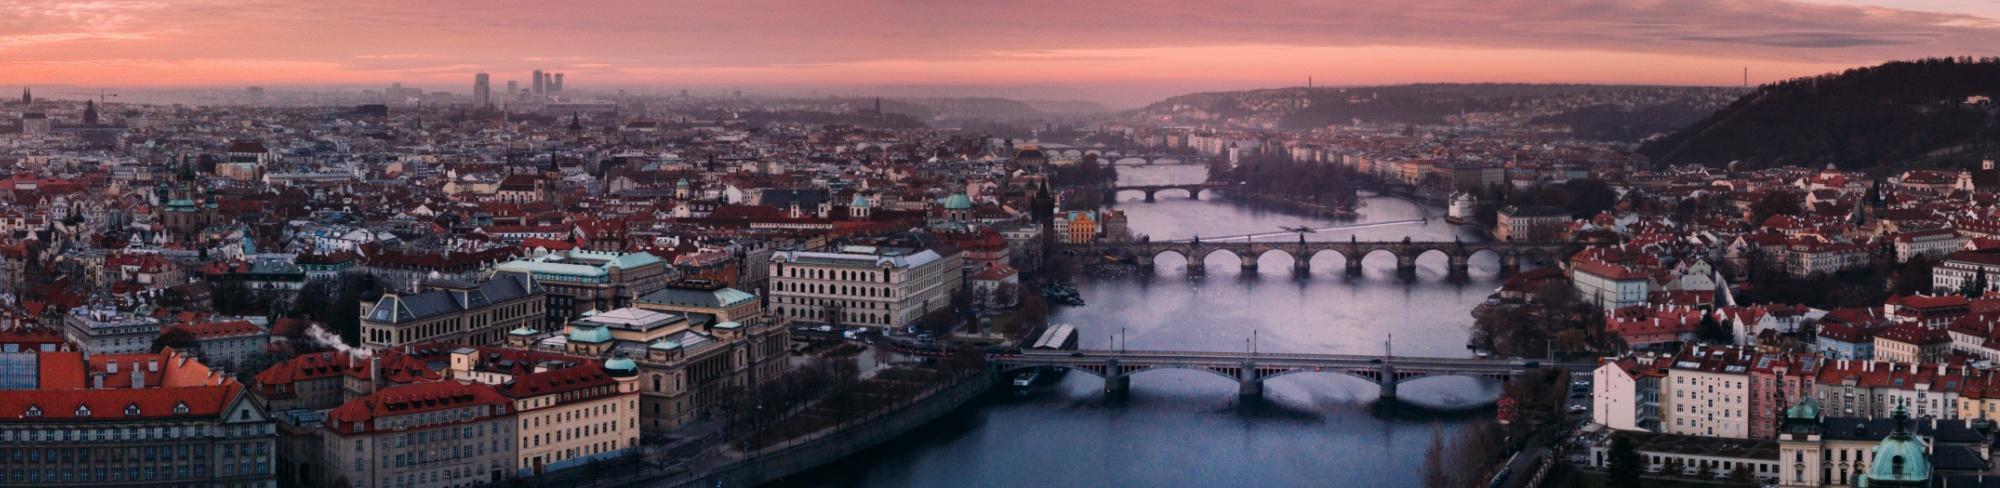 Prague Slide 4.jpg